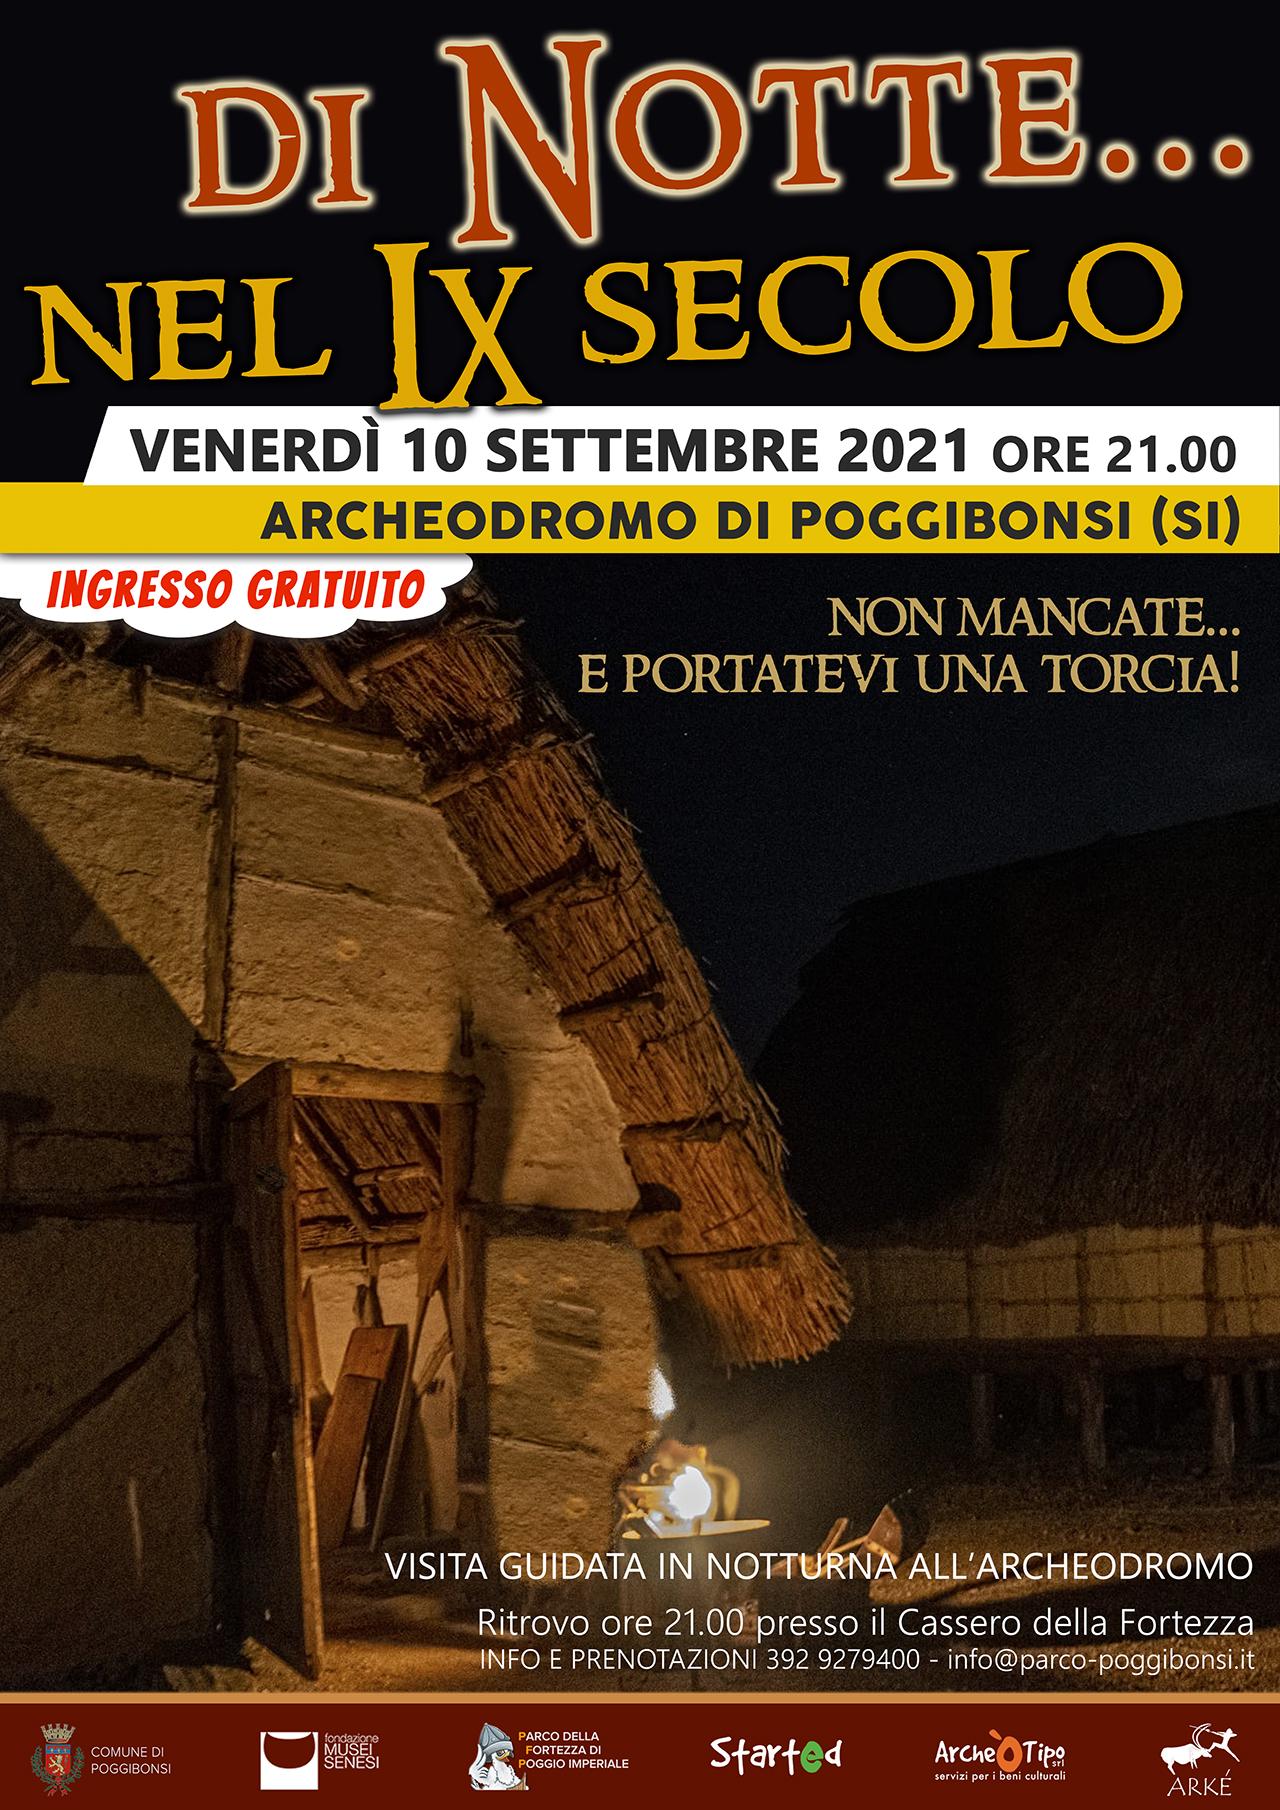 Di Notte... nel IX secolo